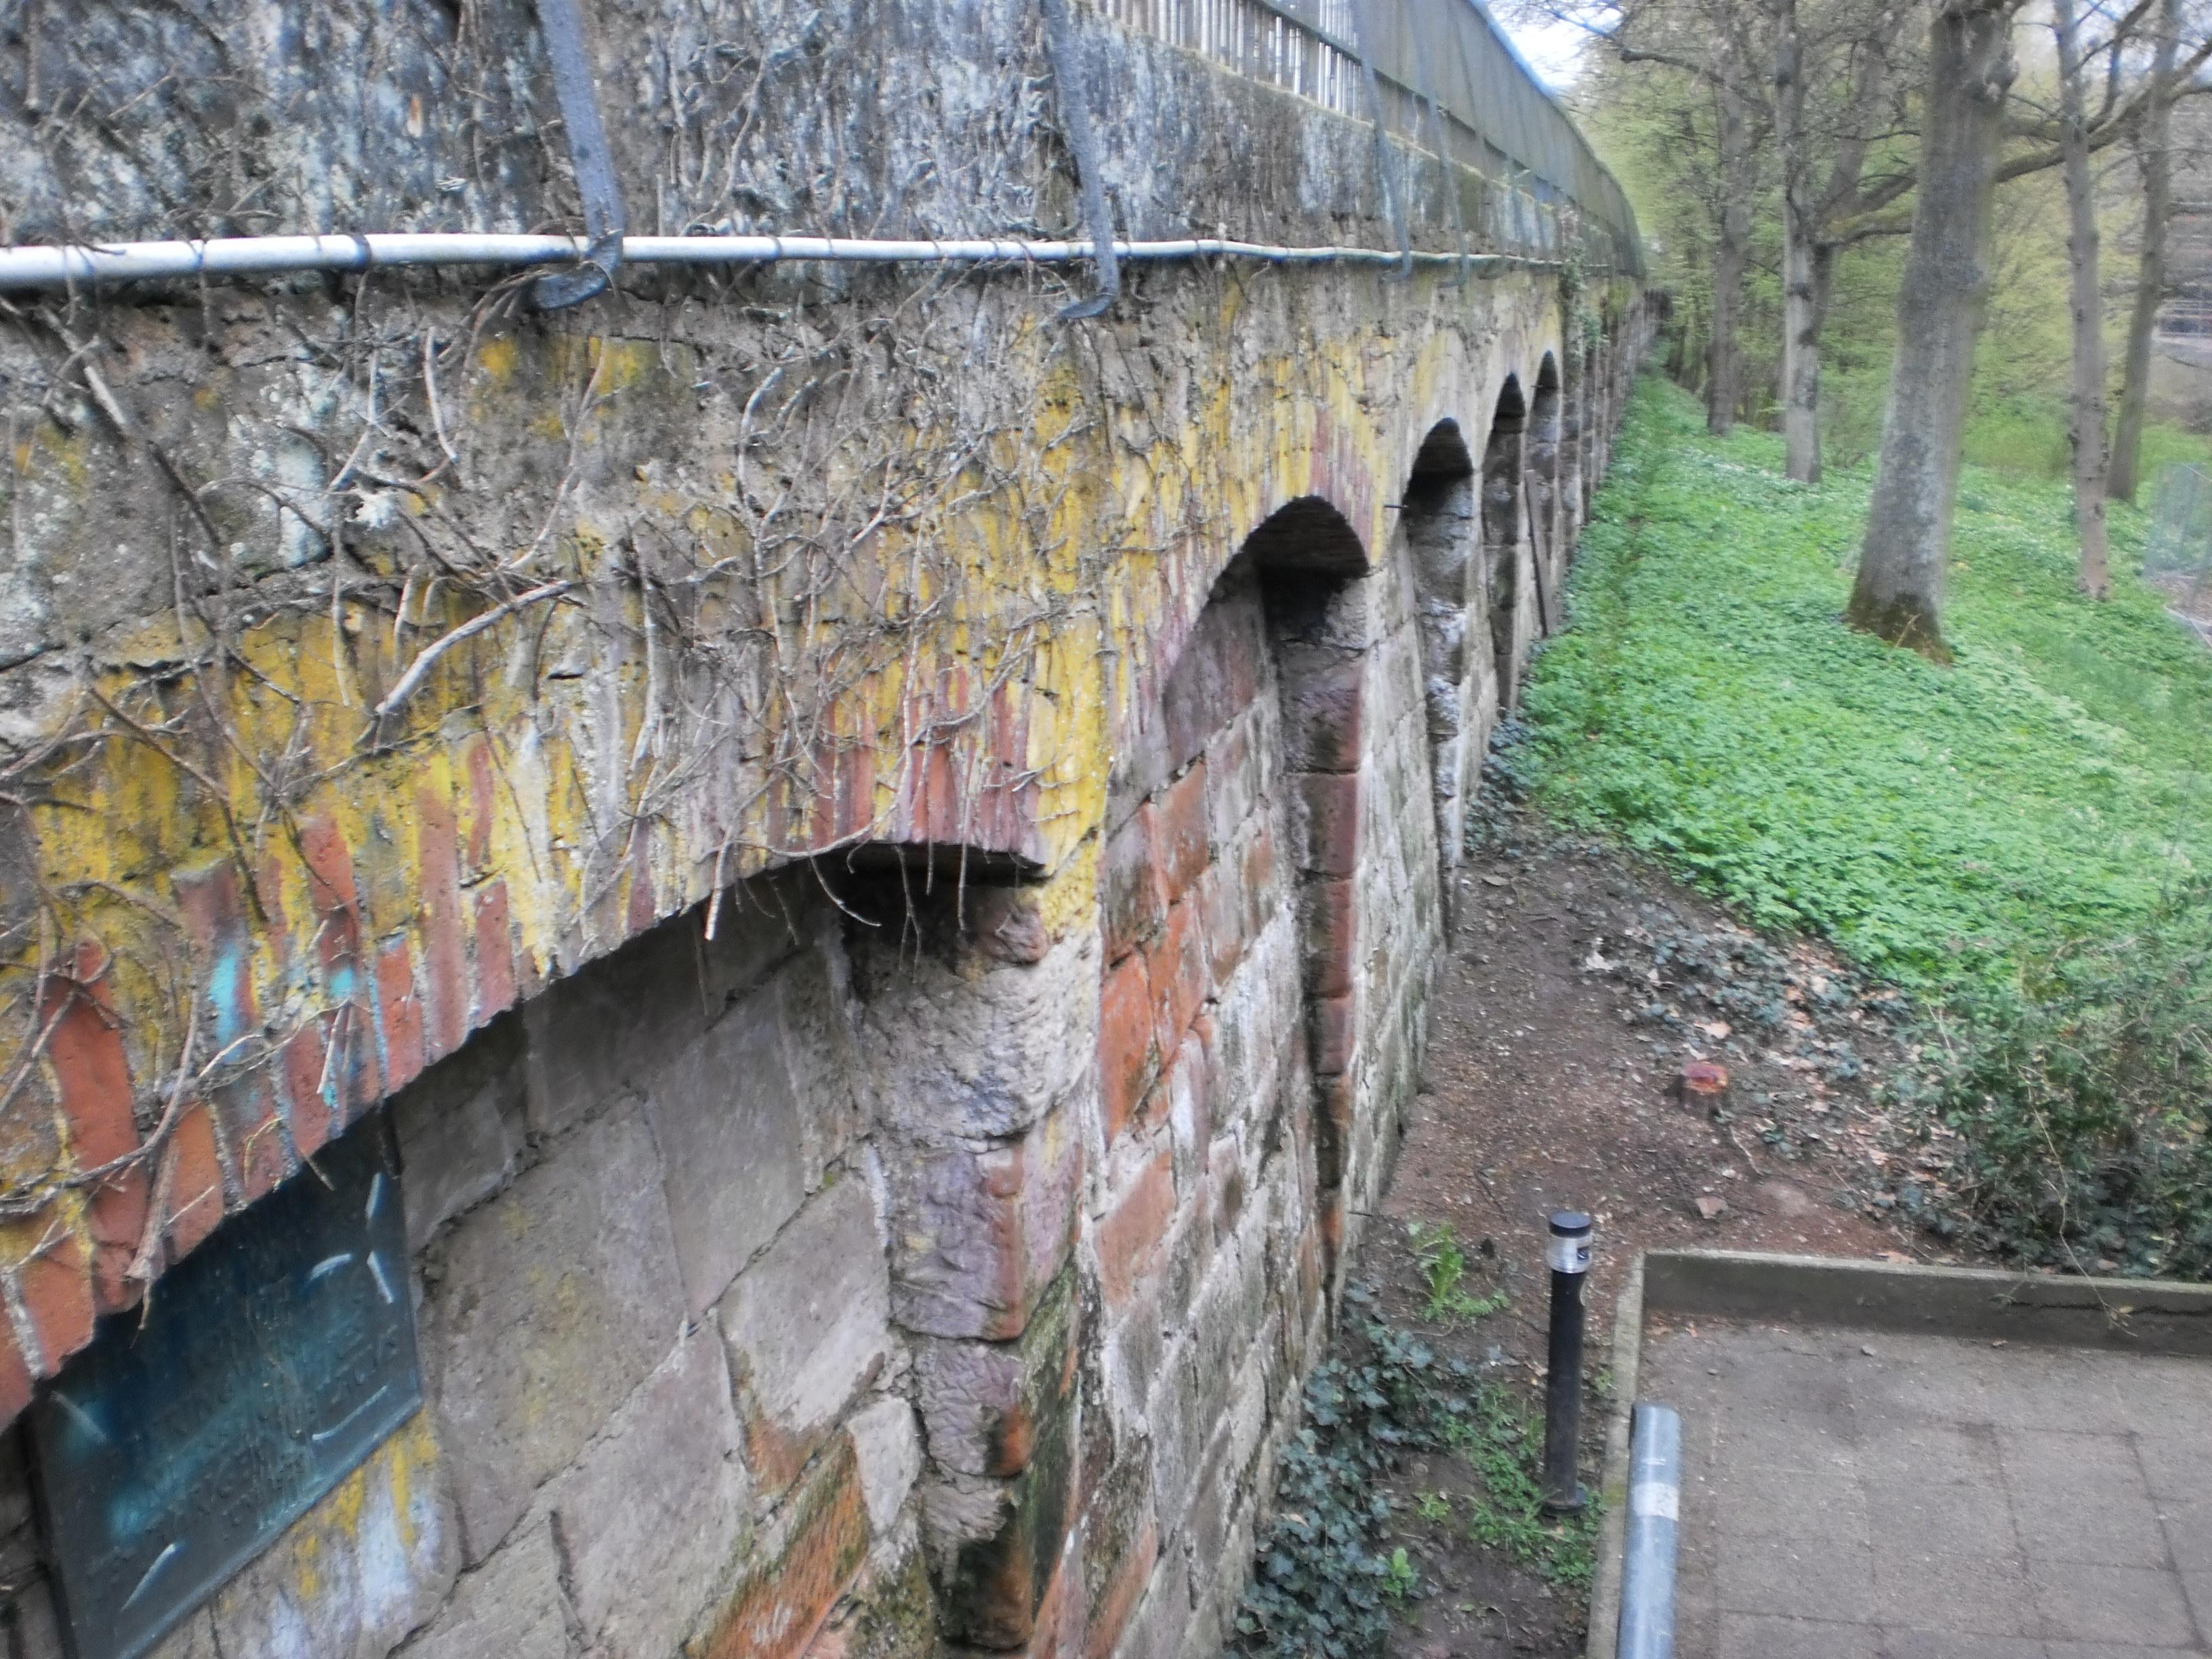 Filestützmauer Alter Botanischer Garten Marburg Mit Geländer Am